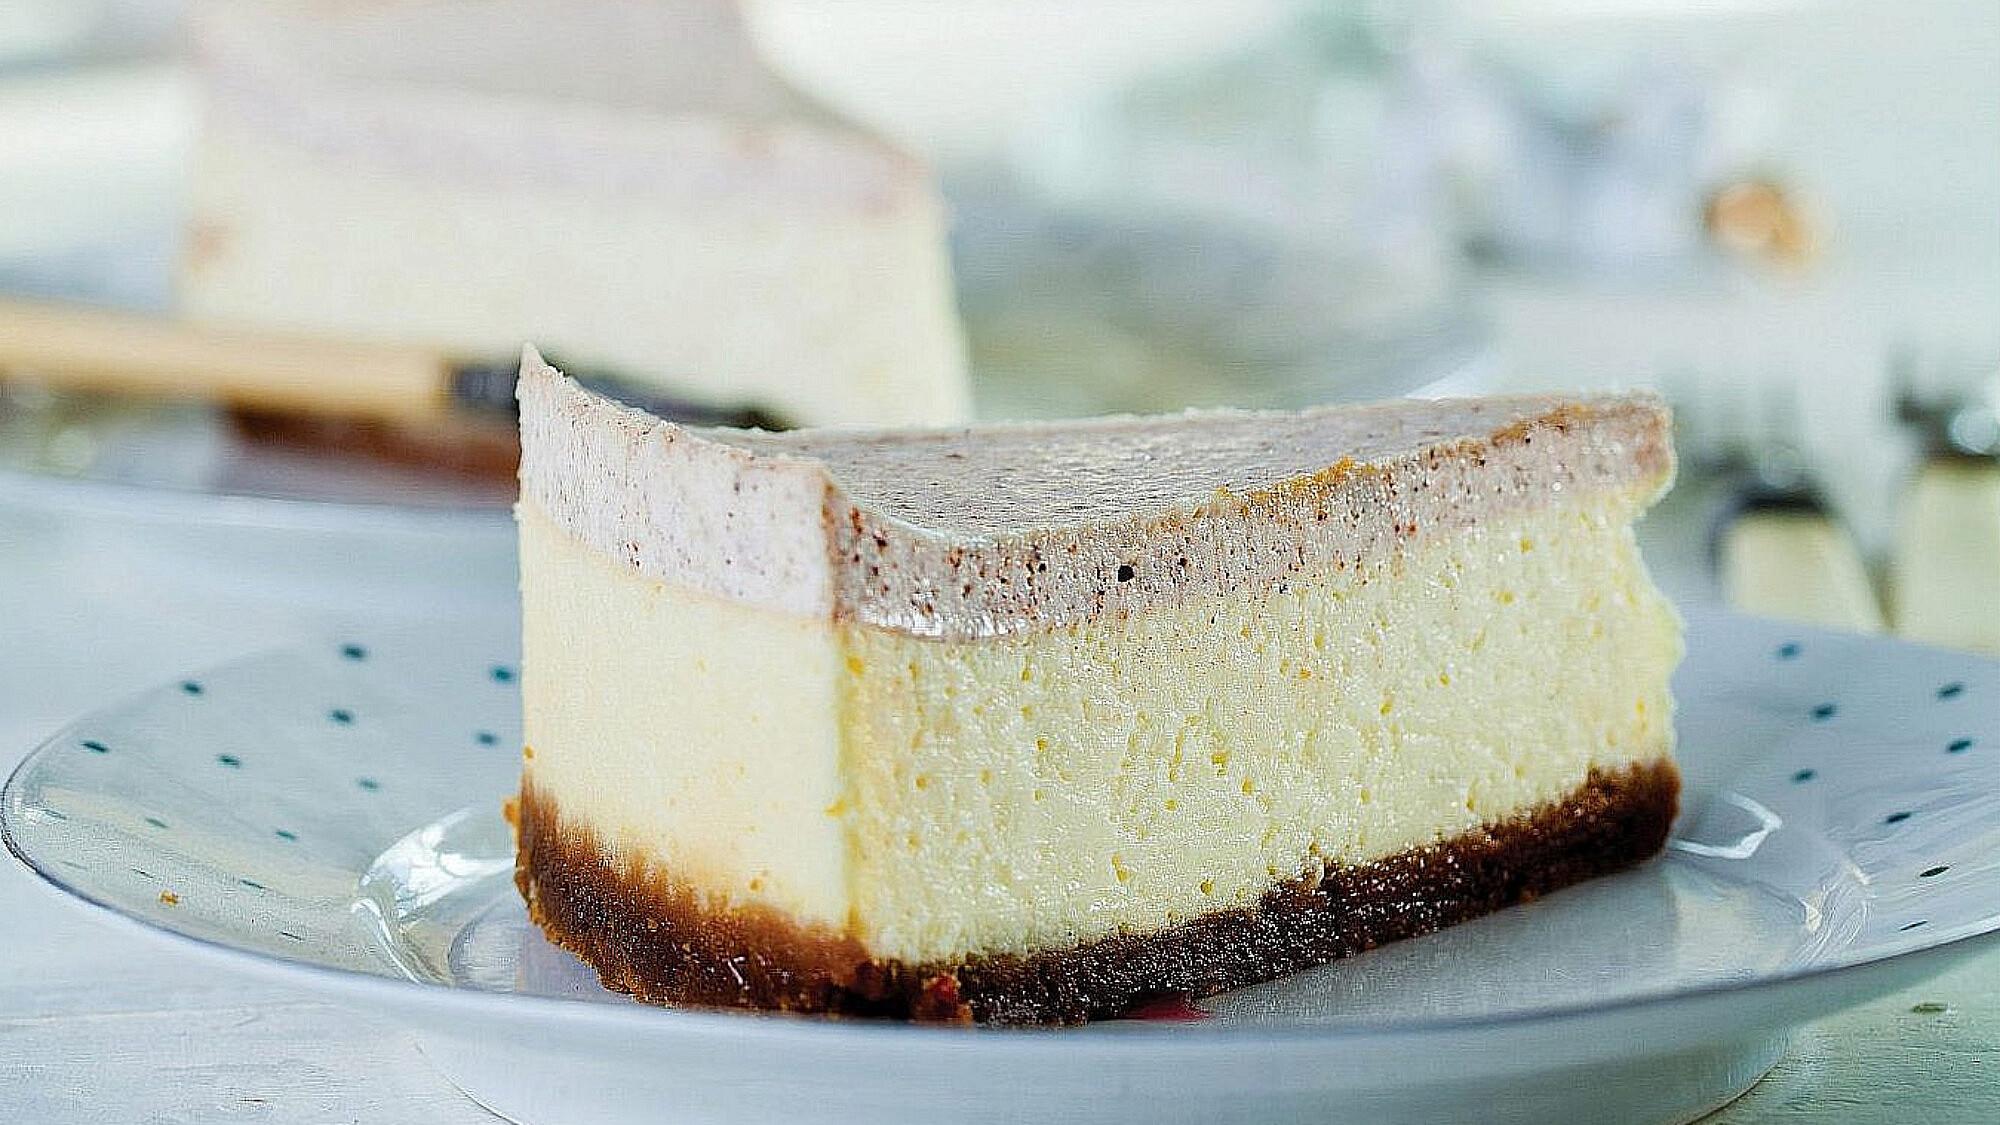 עוגת גבינה עם ציפוי שמנת וקינמון של רות אוליבר | צילום: בועז לביא | סגנון: עמית פרבר